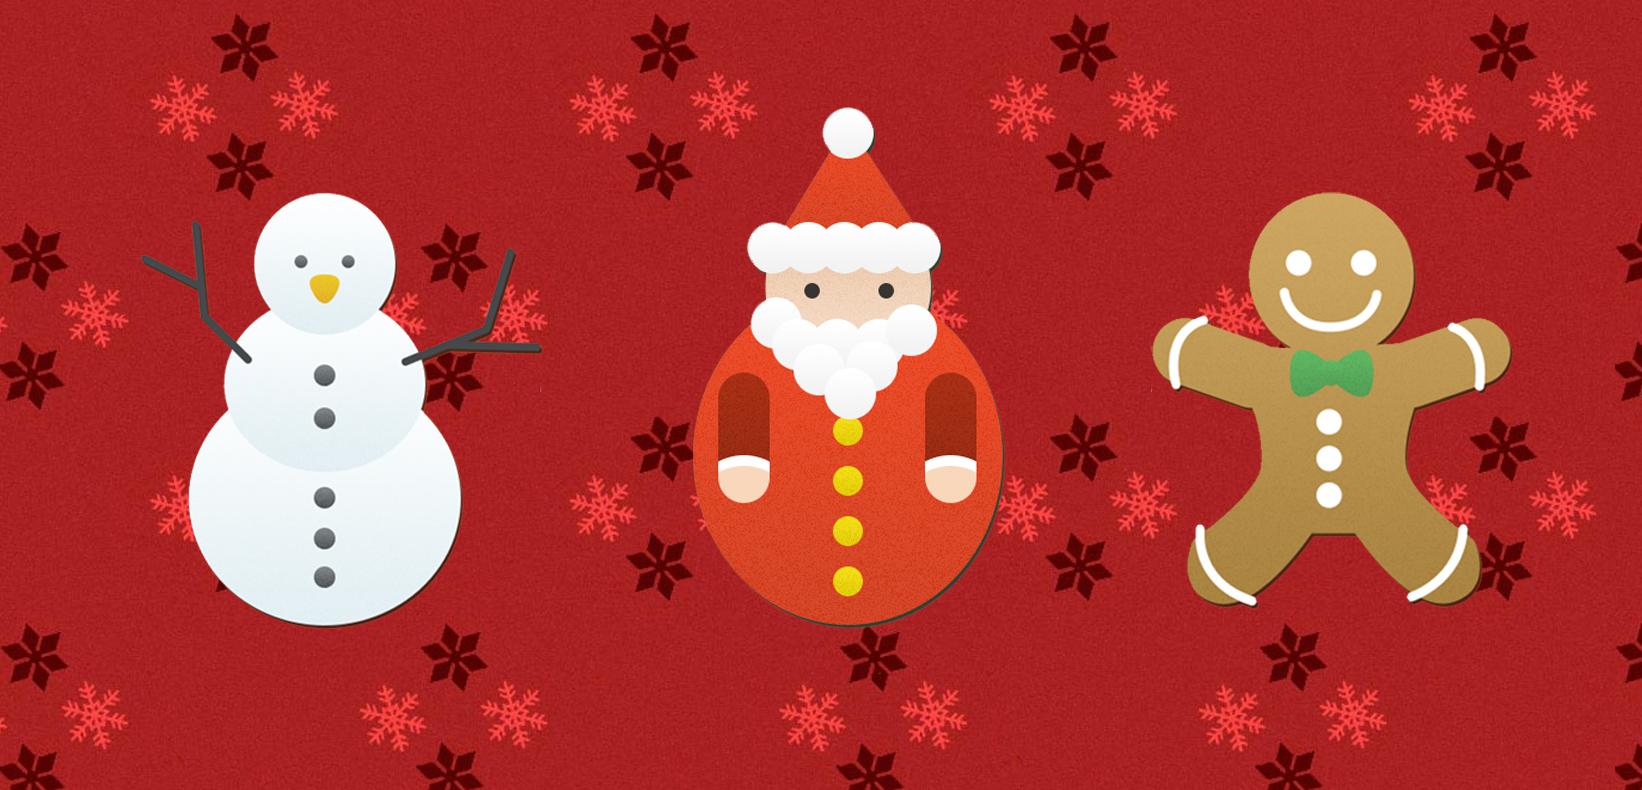 La Playlist de Noël : faites rêver vos auditeurs !